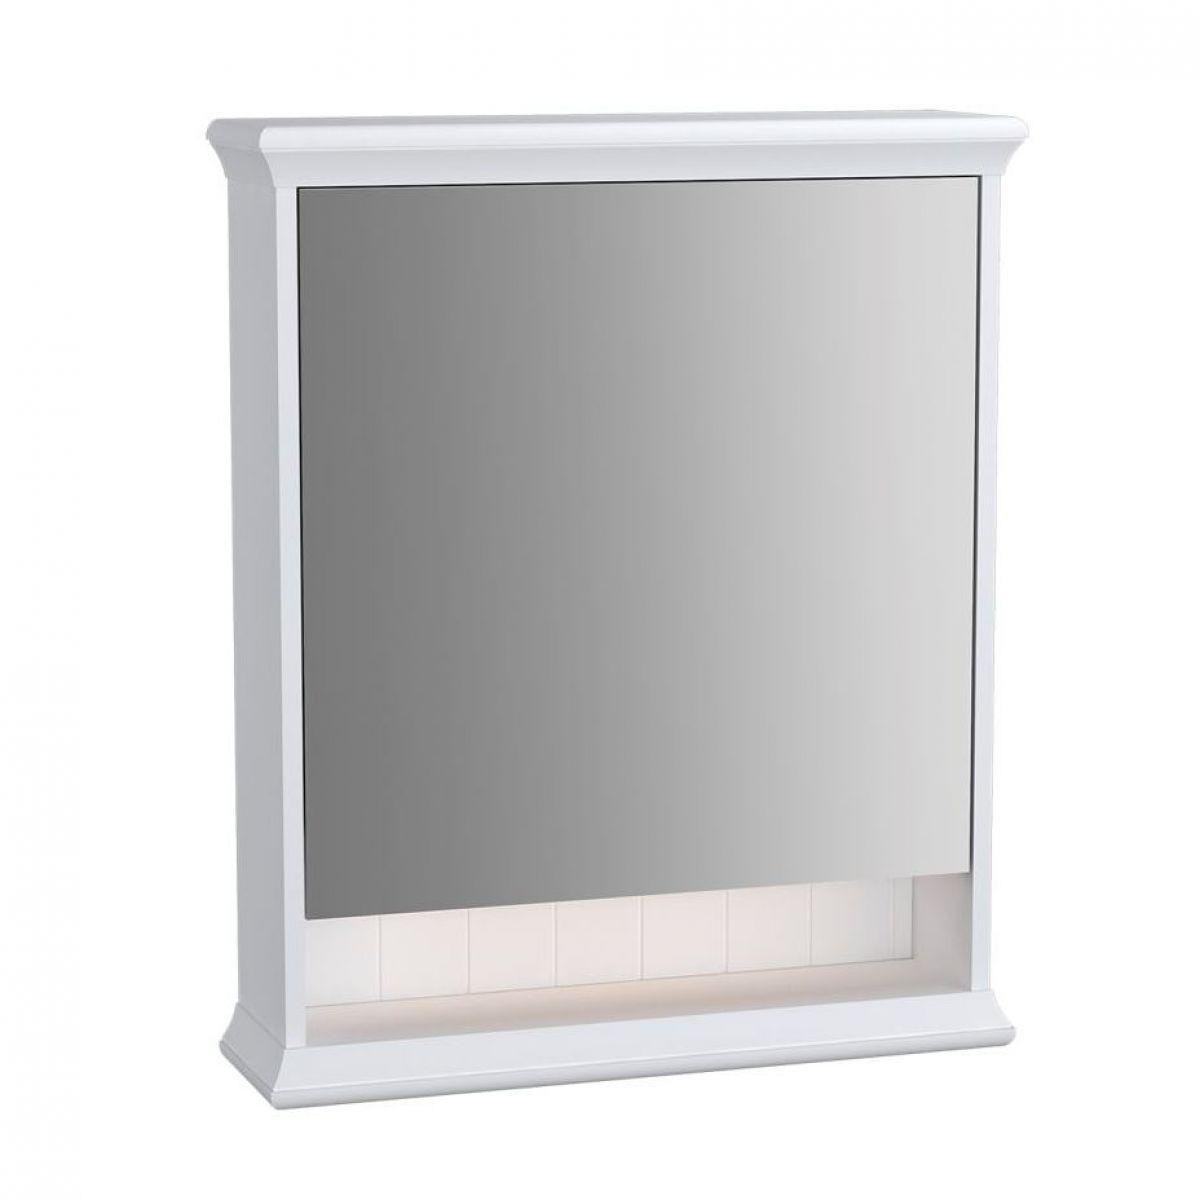 Valarte 1 Door Bathroom Mirror Cabinet